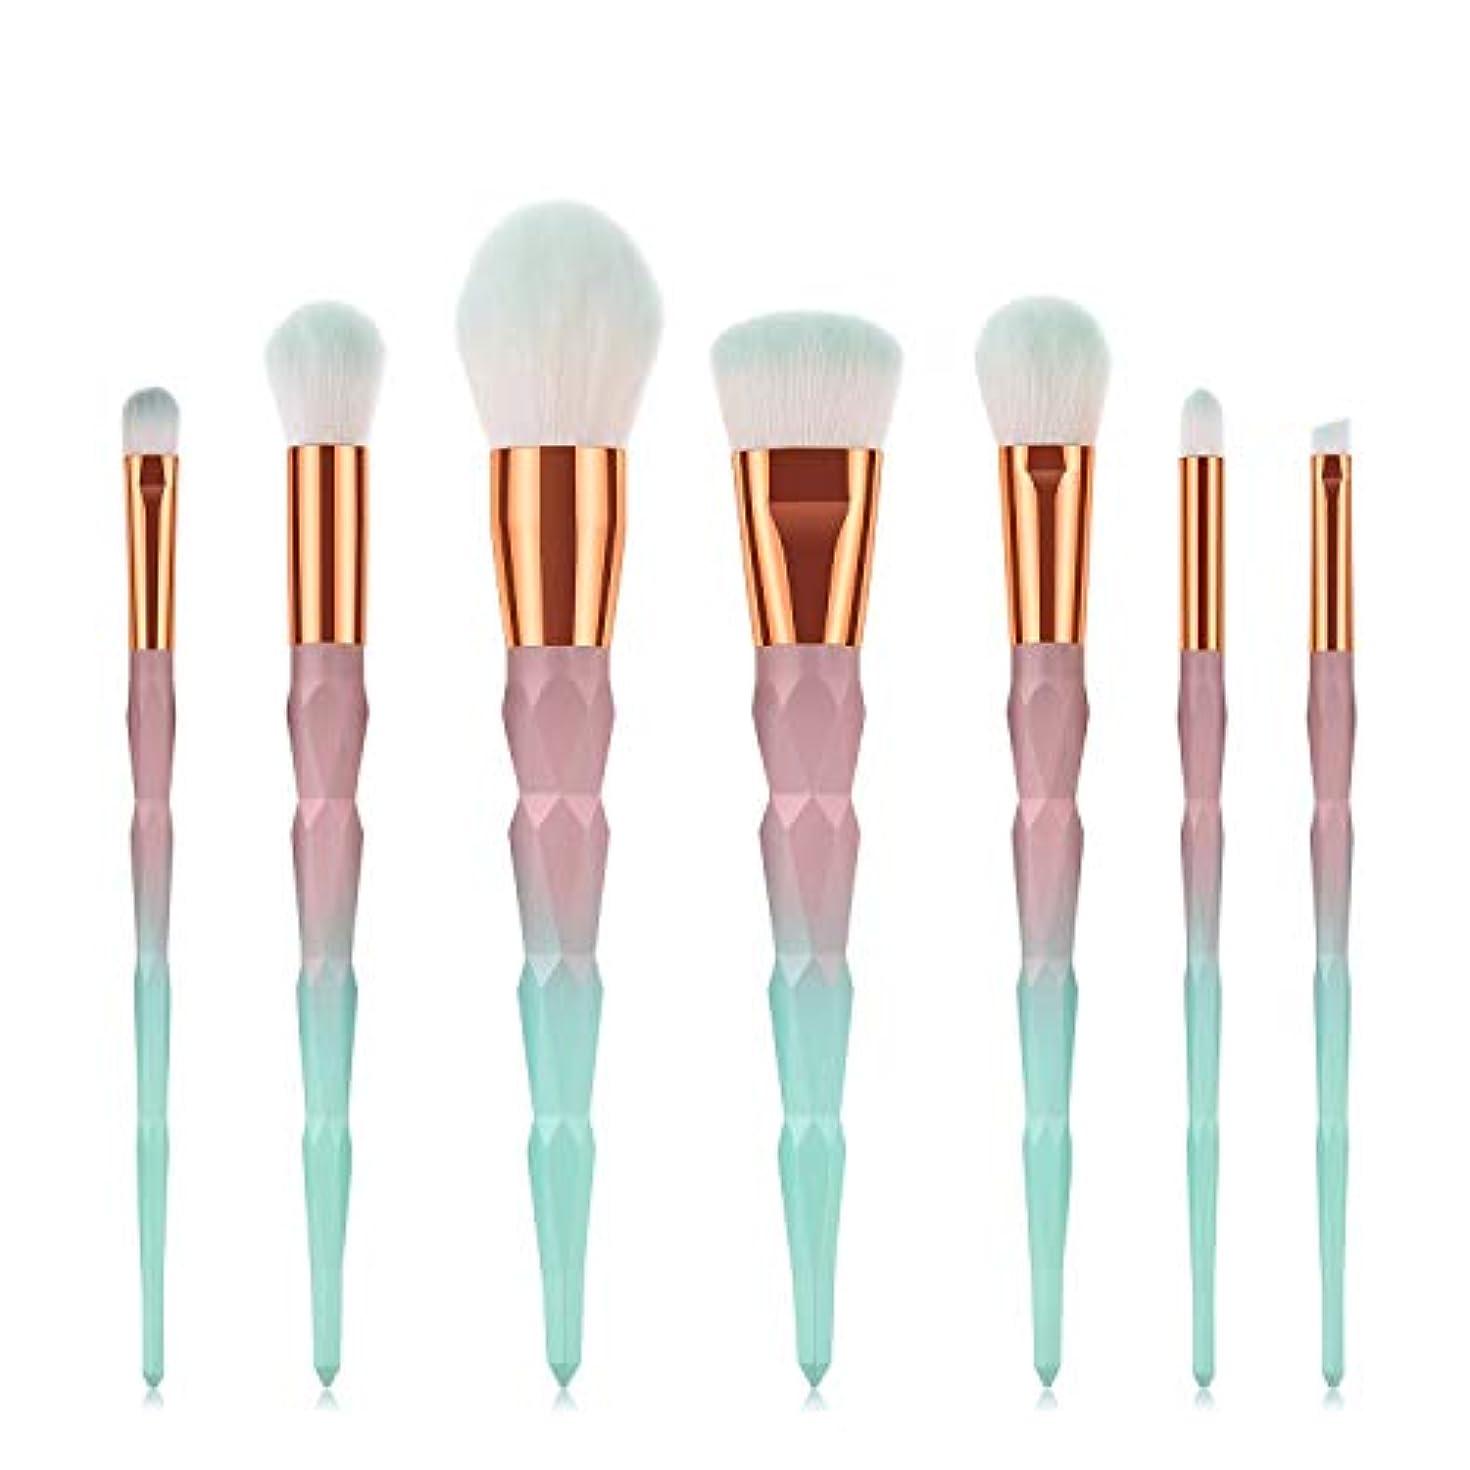 複雑でない適合する攻撃Makeup brushes 7ピースグラデーションブラシセットメイクブラシセット形成ハンドルファンデーションブラッシュアイシャドウリップブラシフェイシャルメイクアップツール suits (Color : Gradient...